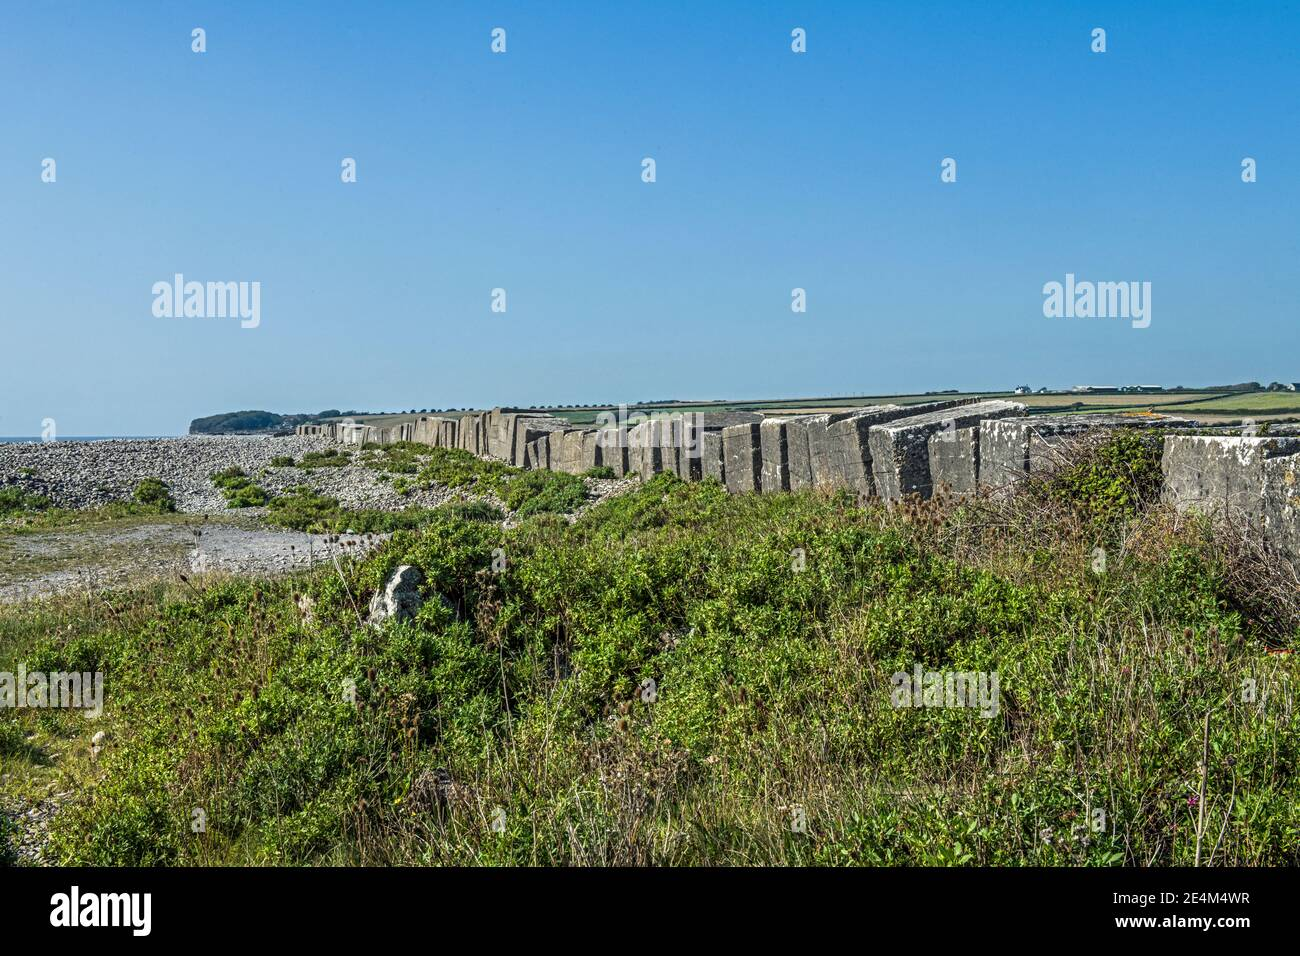 La playa de Aberthaw muestra guijarros y bloques antitanque en la Costa del Patrimonio de Glamourgan, Vale de Glamourgan Gales del Sur Foto de stock